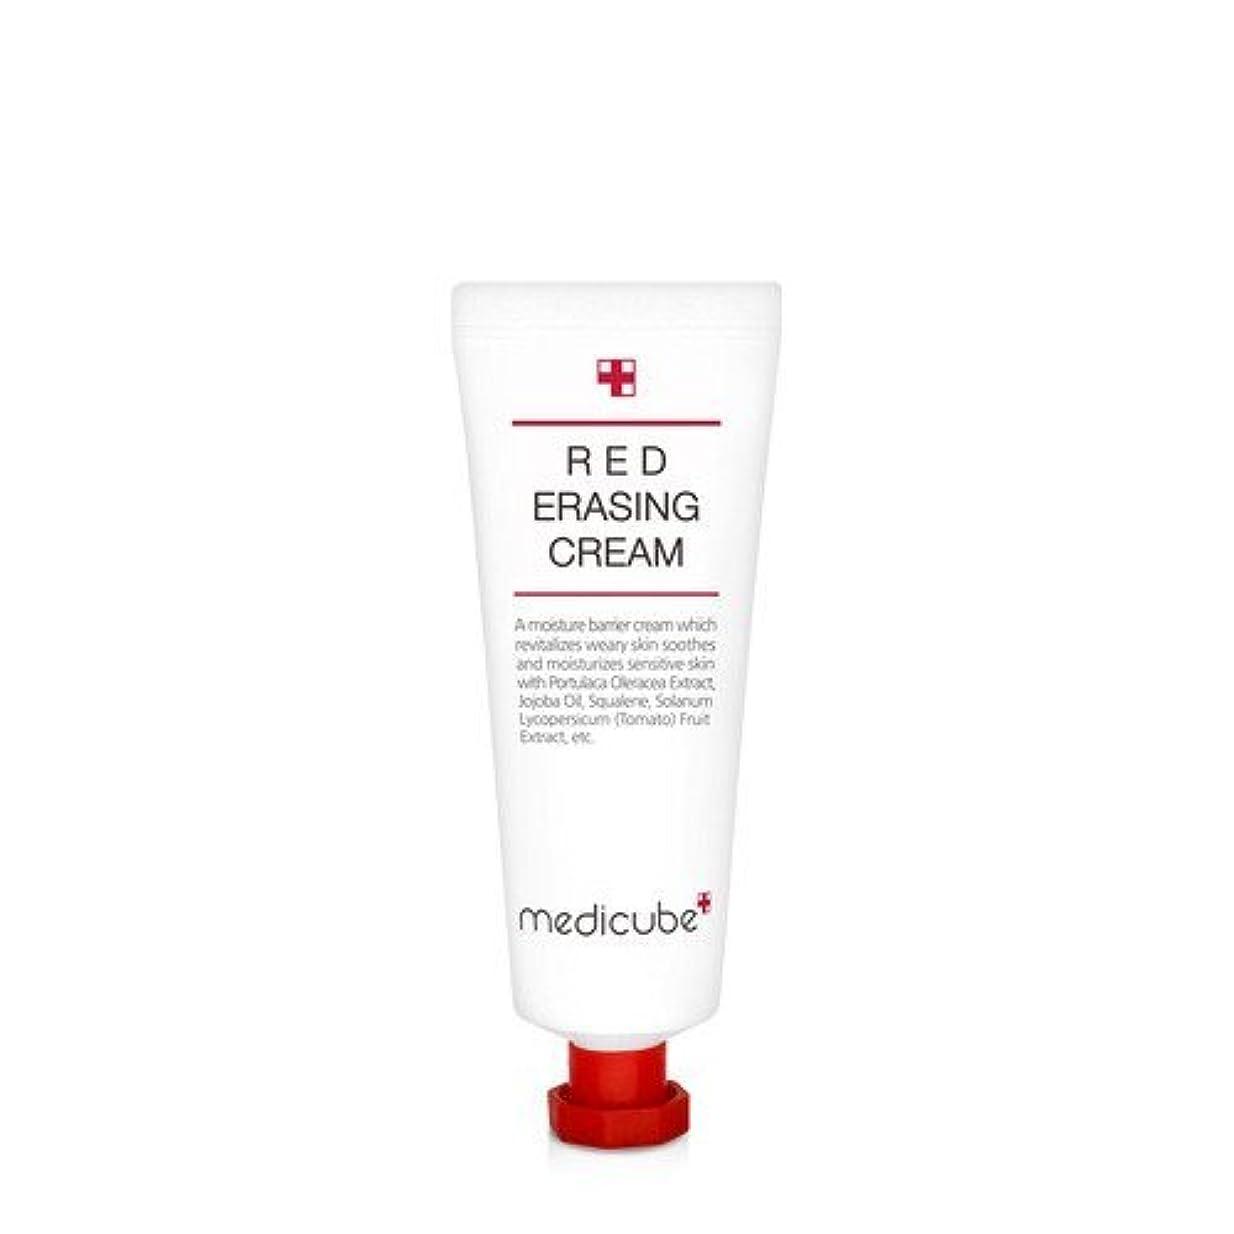 ベアリング穀物おんどり[Medicube]Red Erasing Cream 50g / メディキューブレッドイレイジングクリーム / 正品?海外直送商品 [並行輸入品]